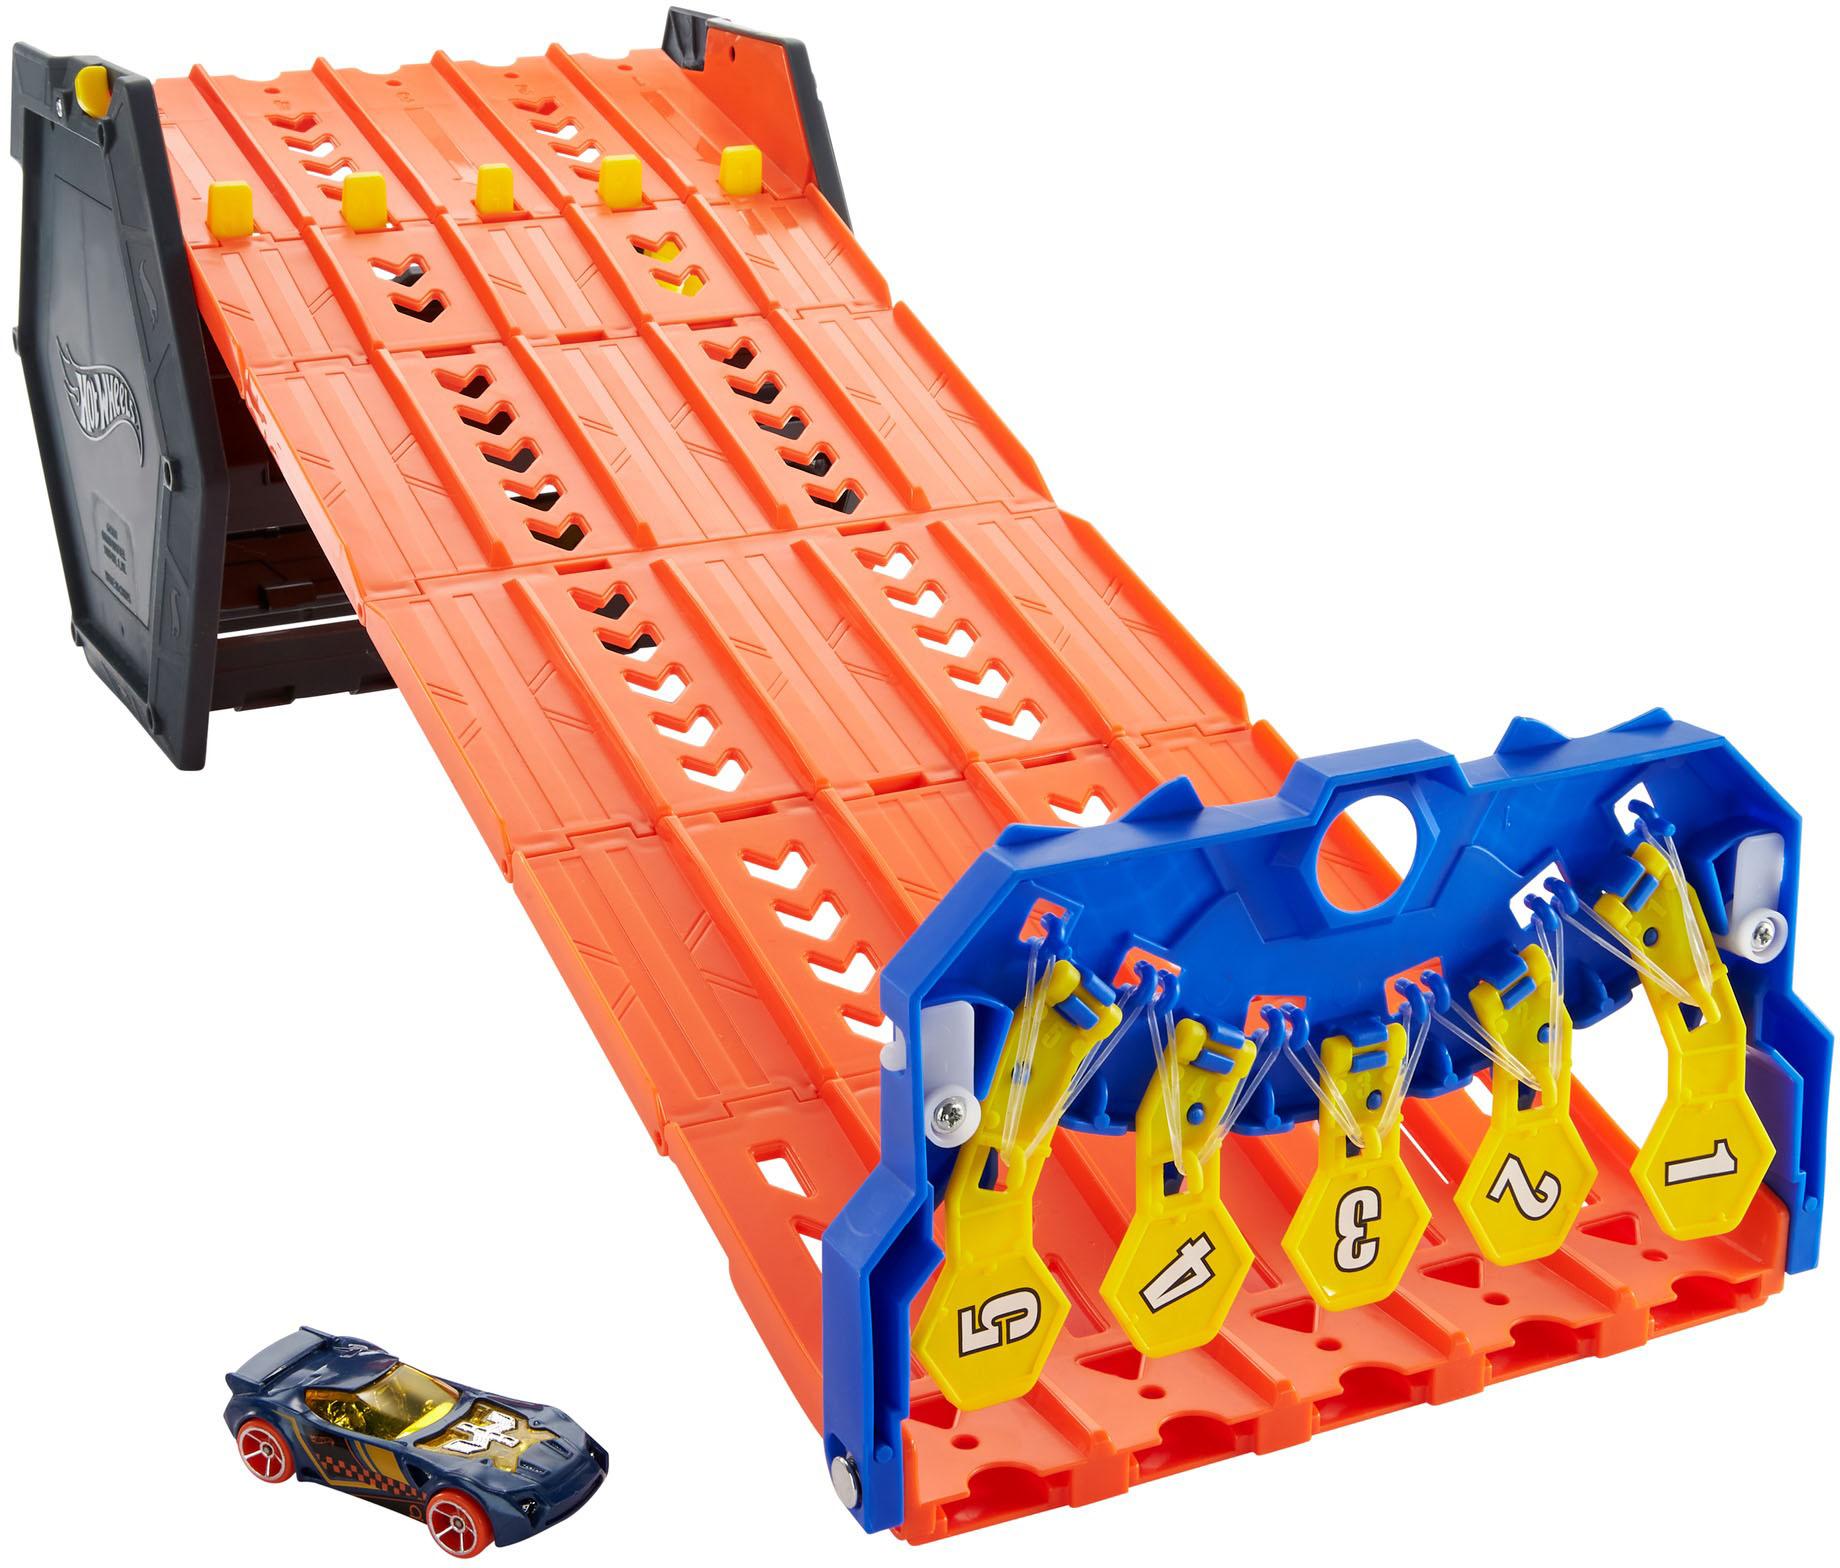 Hot Wheels Autorennbahn 2in1 Spielset & Box, inkl. 1 Spielzeugauto bunt Kinder Autorennbahnen Autos, Eisenbahn Modellbau